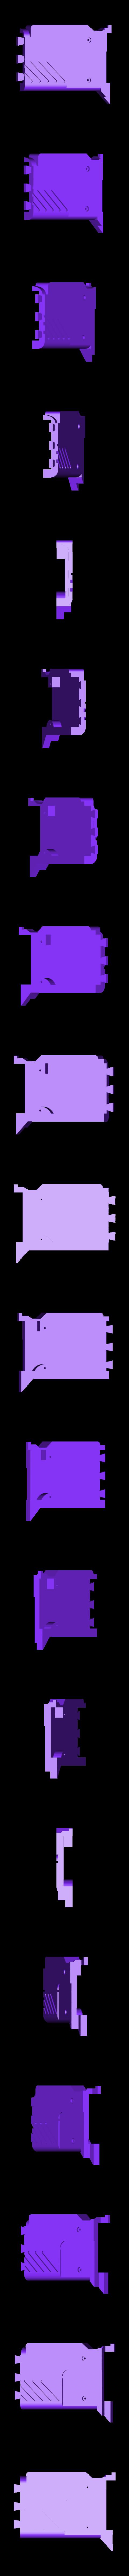 4_Pulserifle_Body4.stl Download free STL file Pulse Rifle • 3D printer template, Snorri